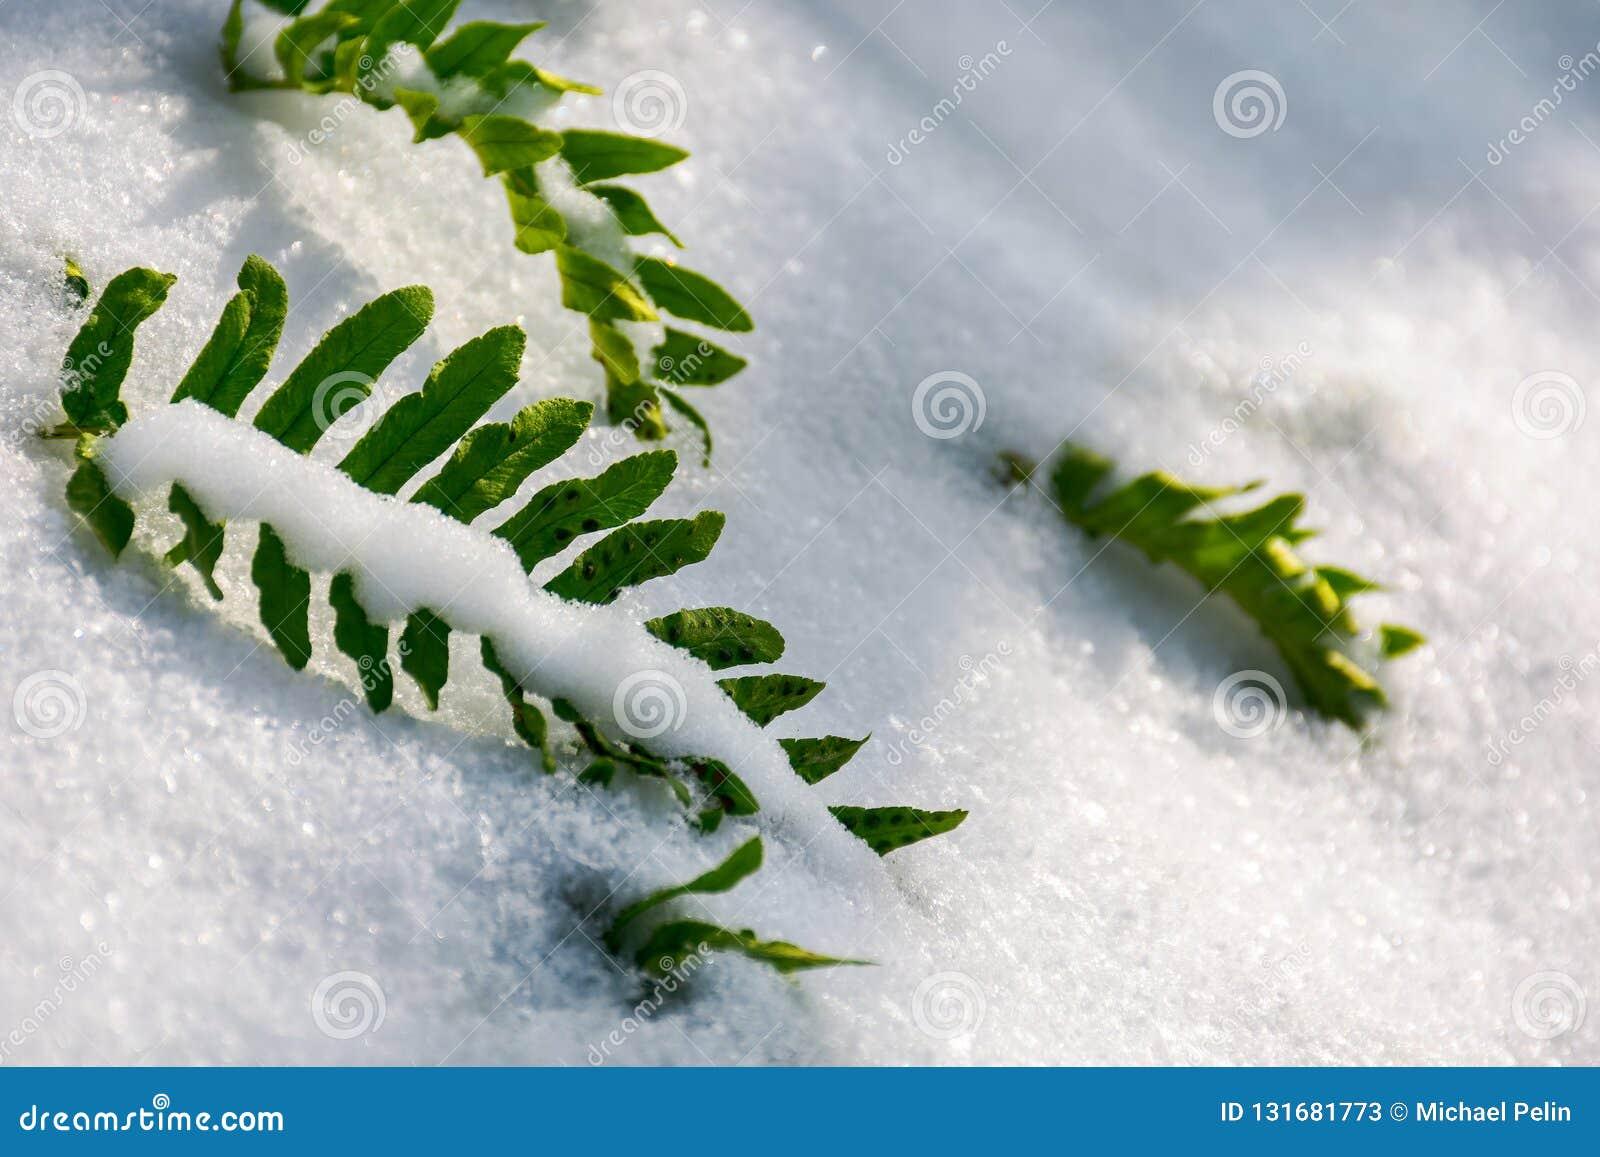 green fern leaves in snow